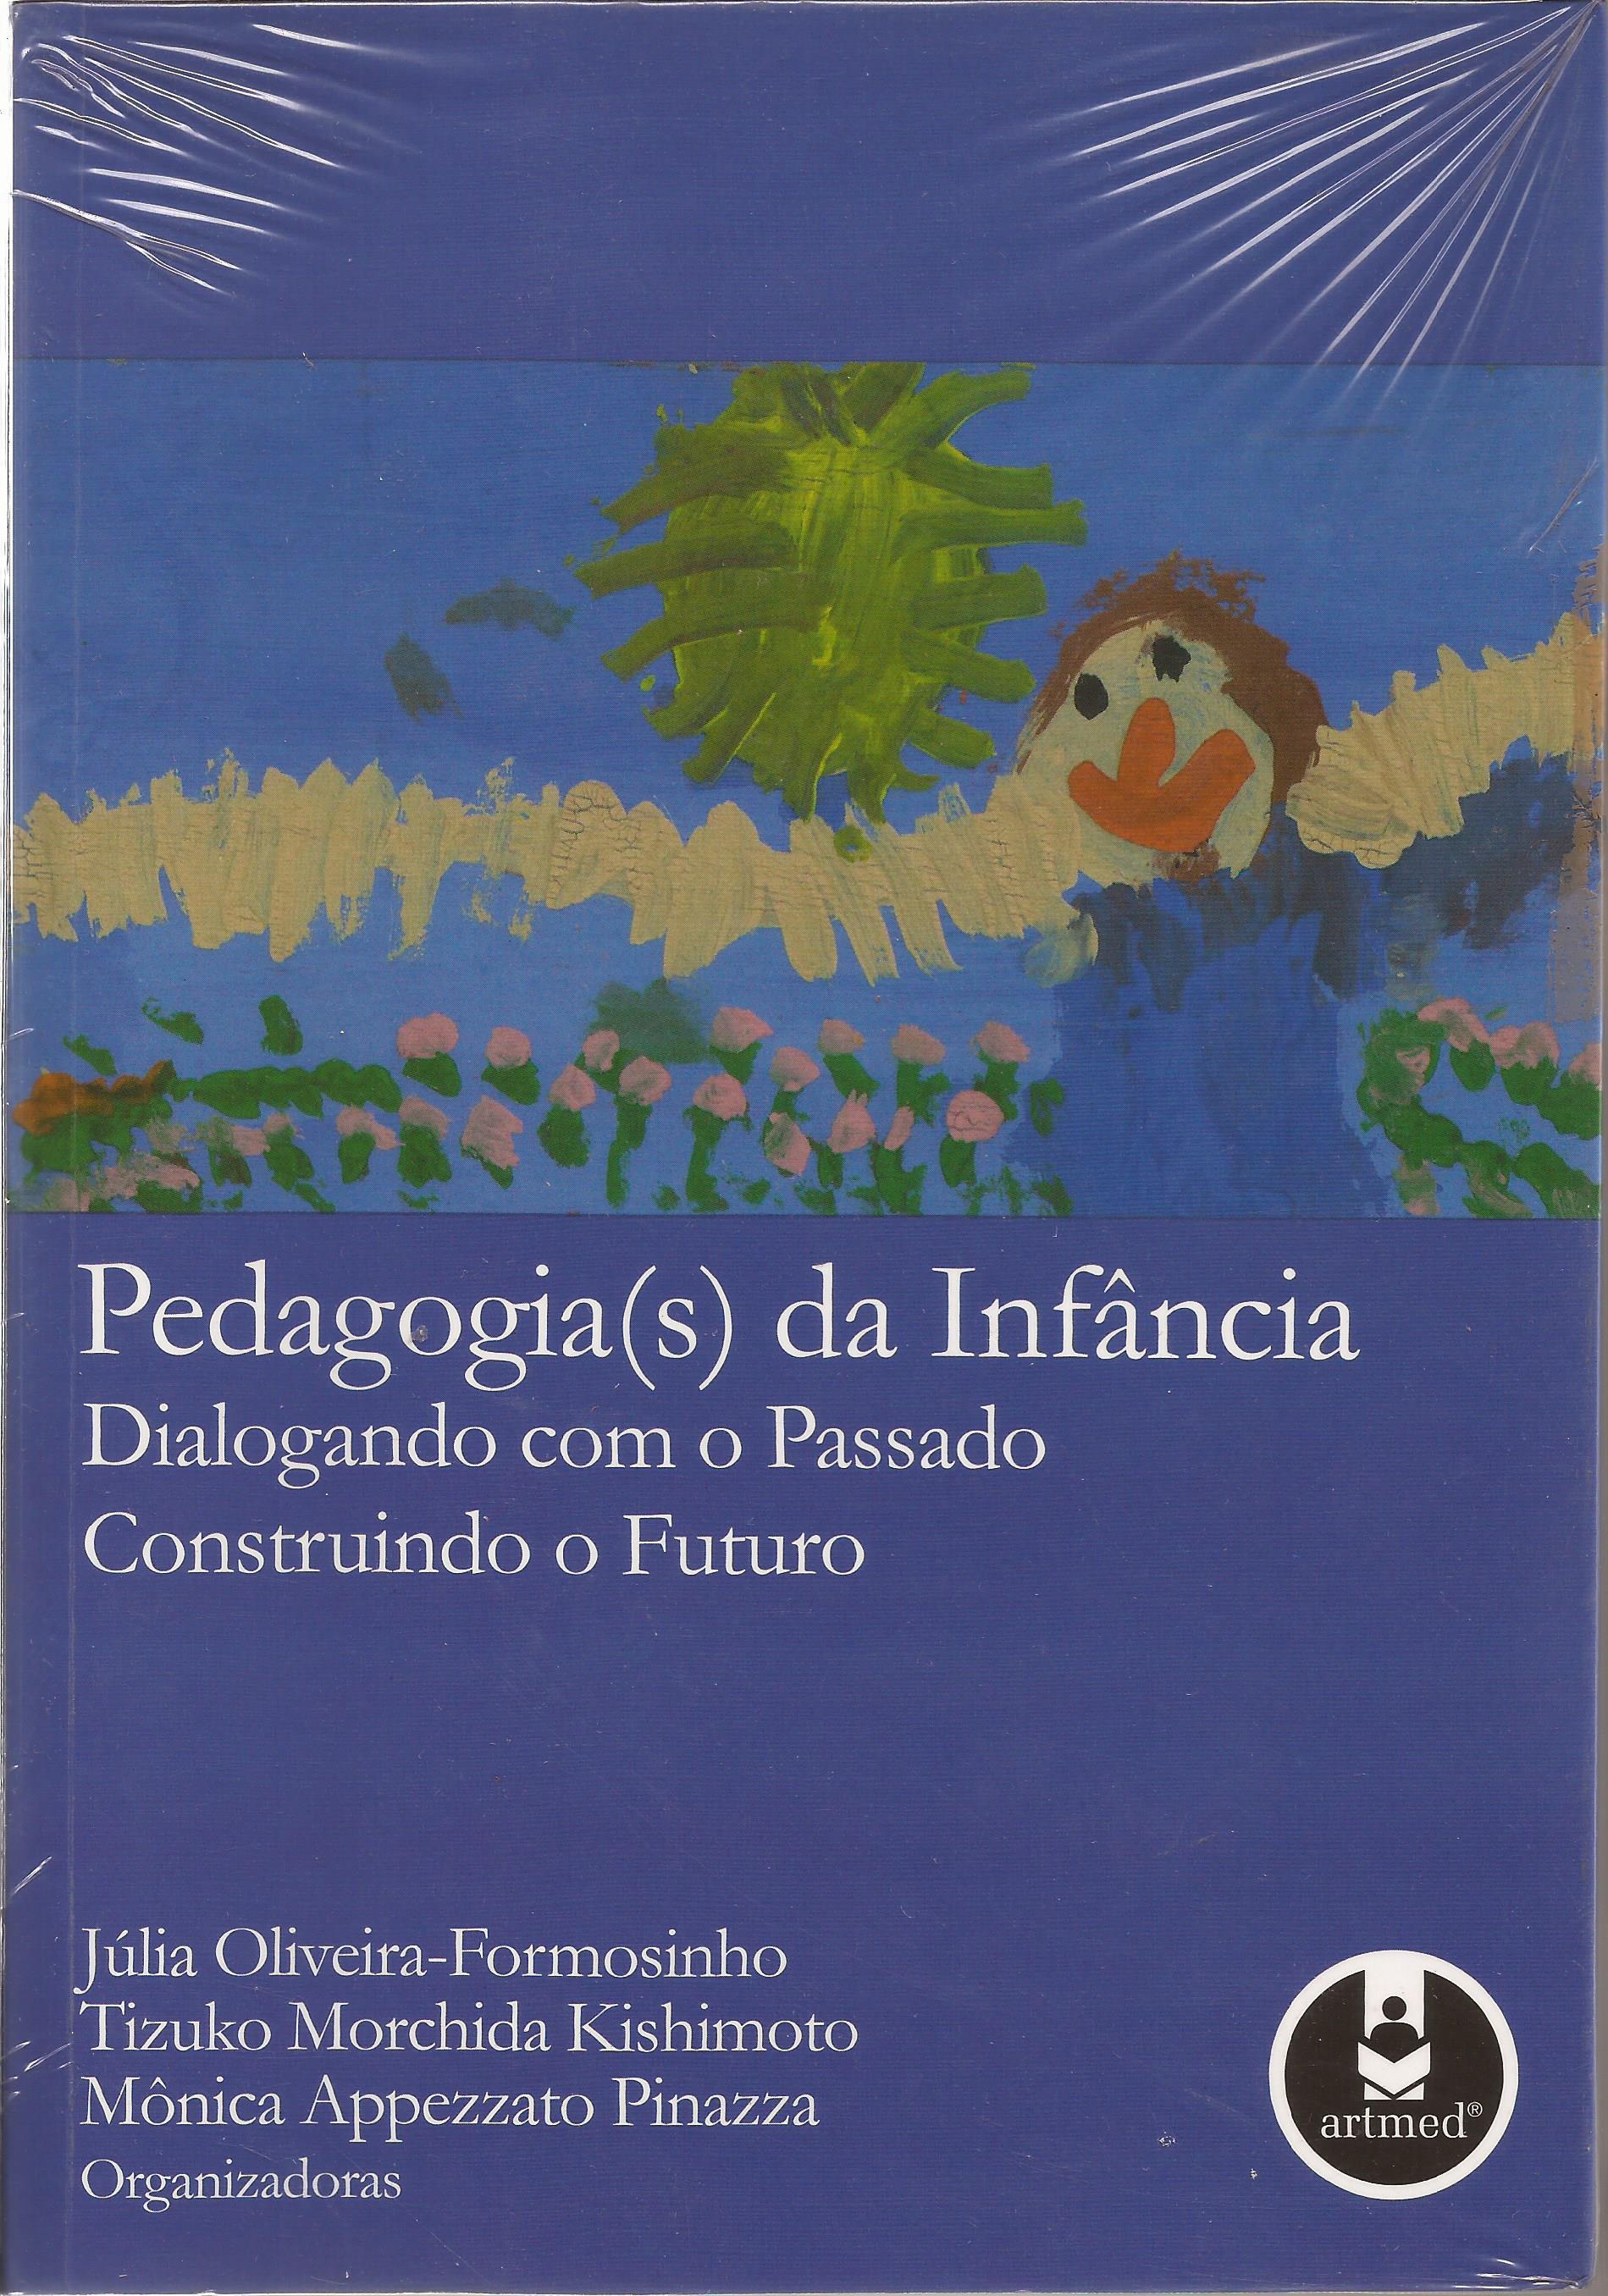 Pedagogia(s) da Infância – Dialogando com o Passado Construindo o Futuro